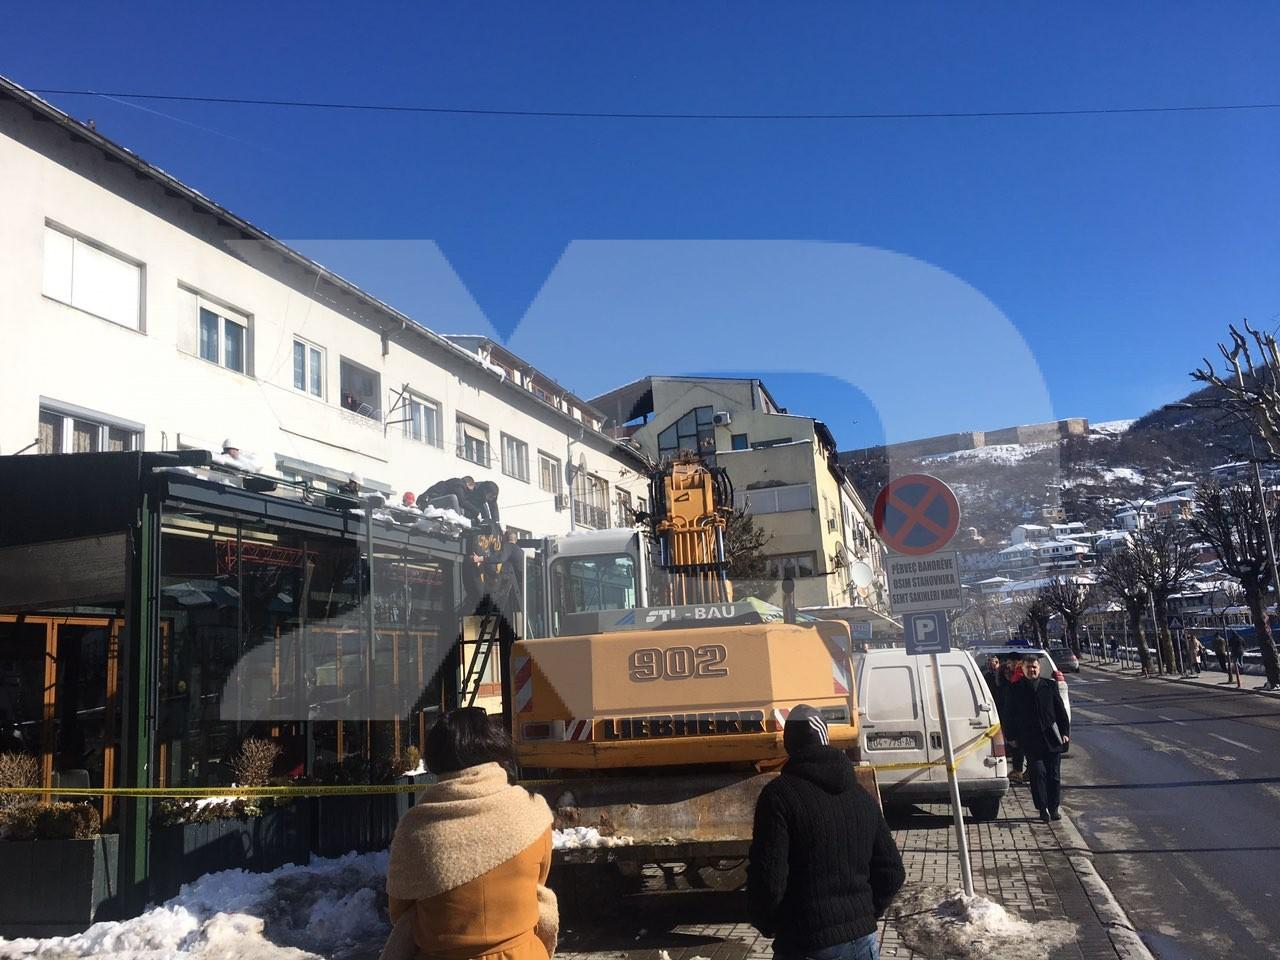 Komuna e Prizrenit ia rrënon terrasën lokalit të familjes së ish drejtorit të Inspektoratit Bujar Hasani   FOTO